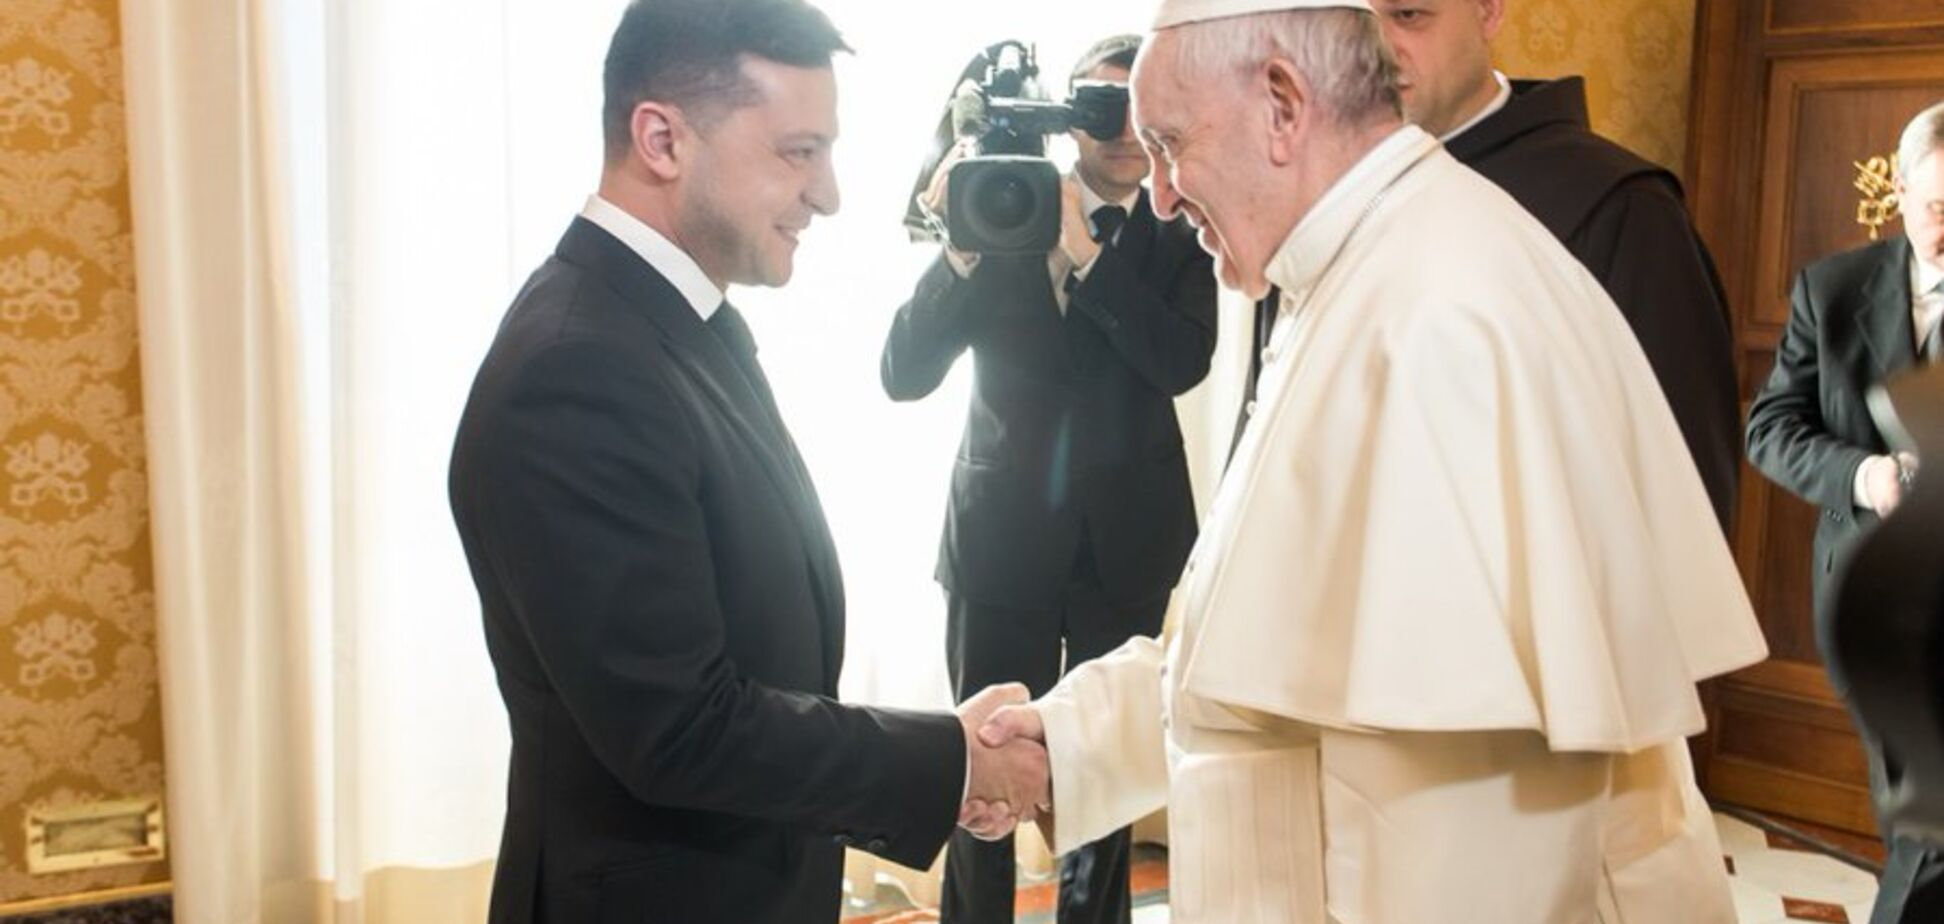 Папа Римский занялся освобождением Маркива: Зеленский раскрыл подробности переговоров